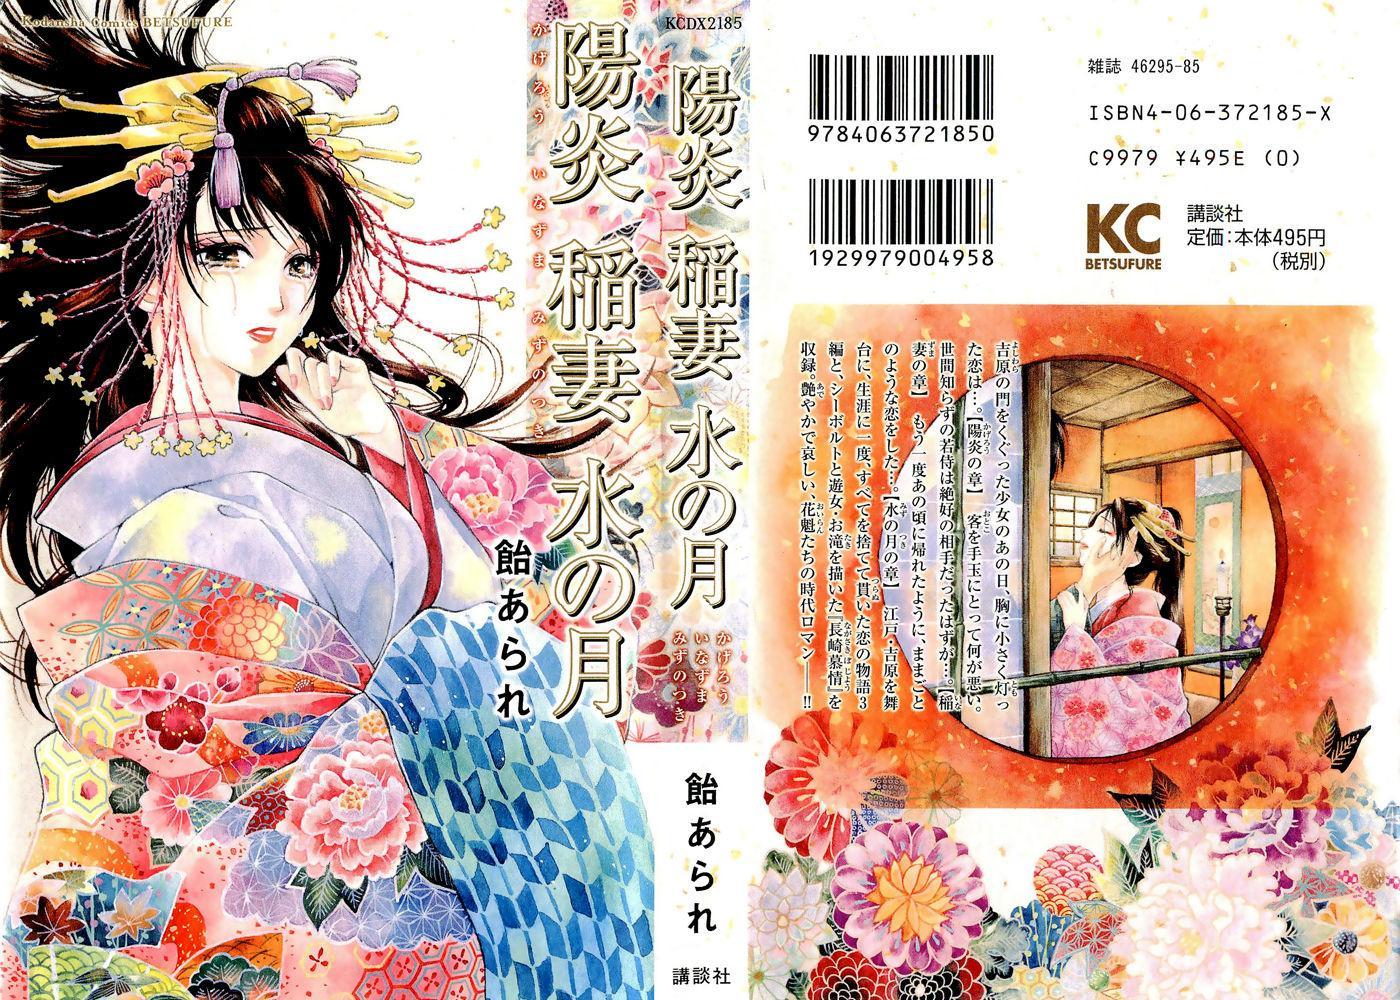 Kagerou Inazuma Mizu No Tsuki Vol.1 Ch.1 page 1 at www.Mangago.me